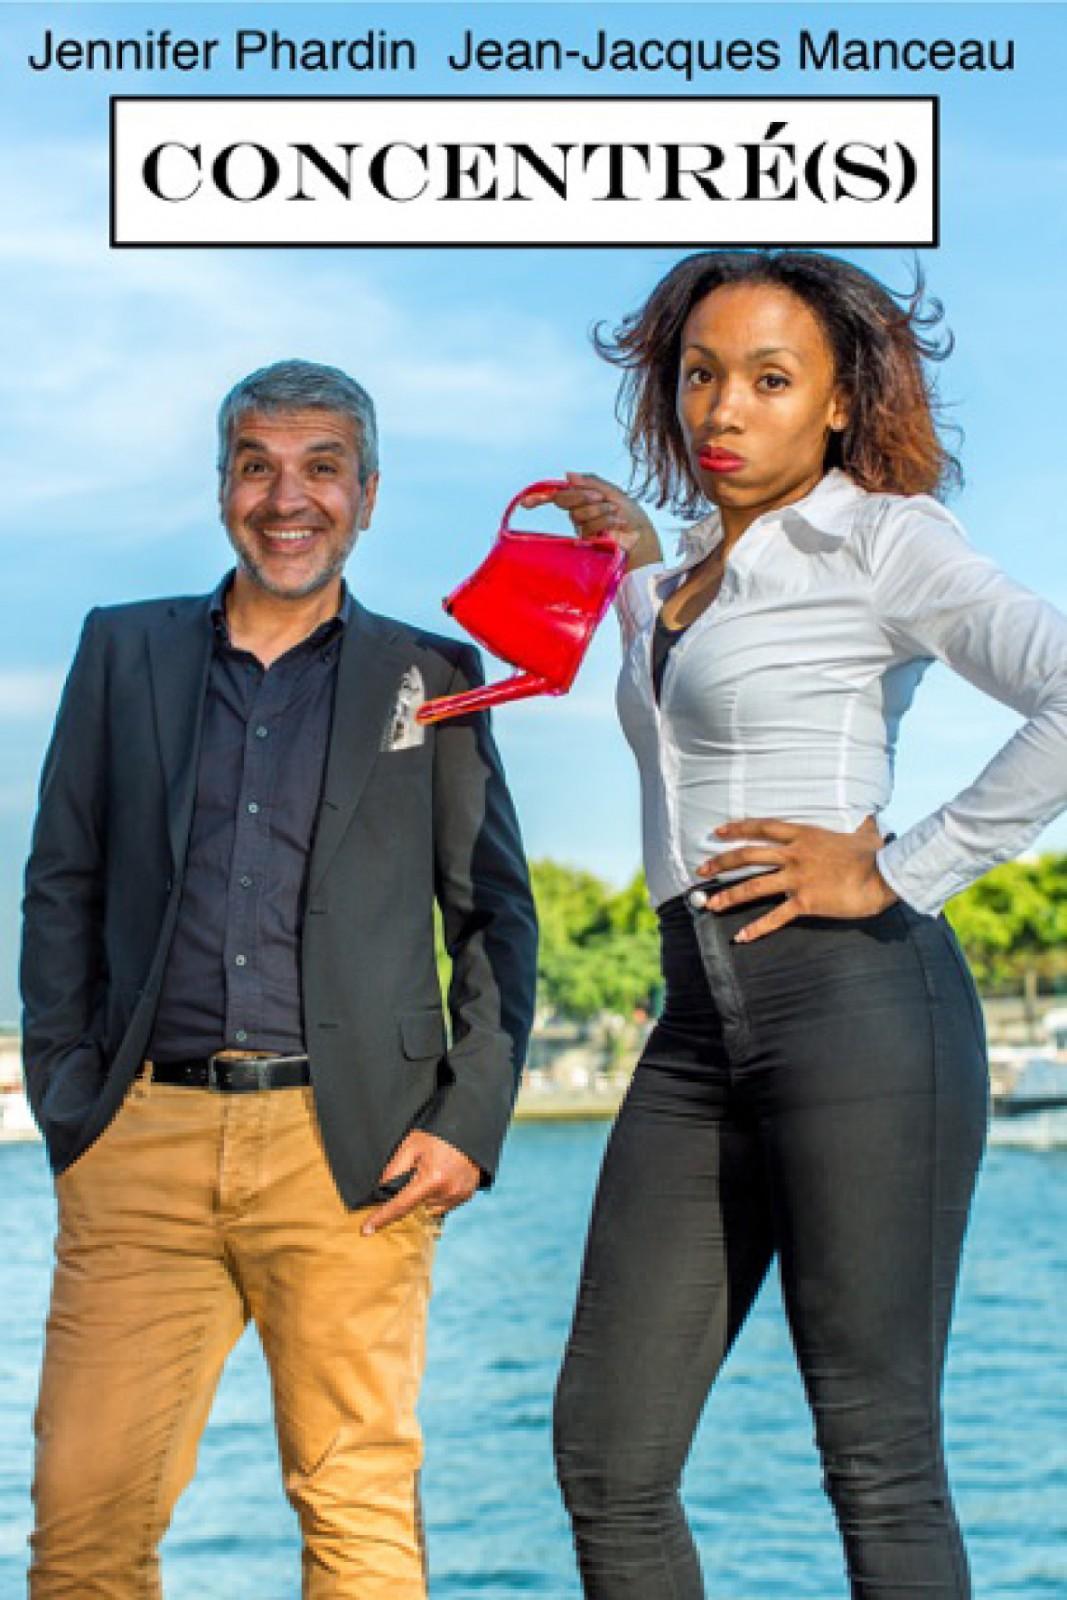 Concentrés de et avec Jean Jacques Manceau et Jennifer Phardin spectacle humour au Théâtre La cible Paris rue Jean-Baptiste Pigalle one woman et man show